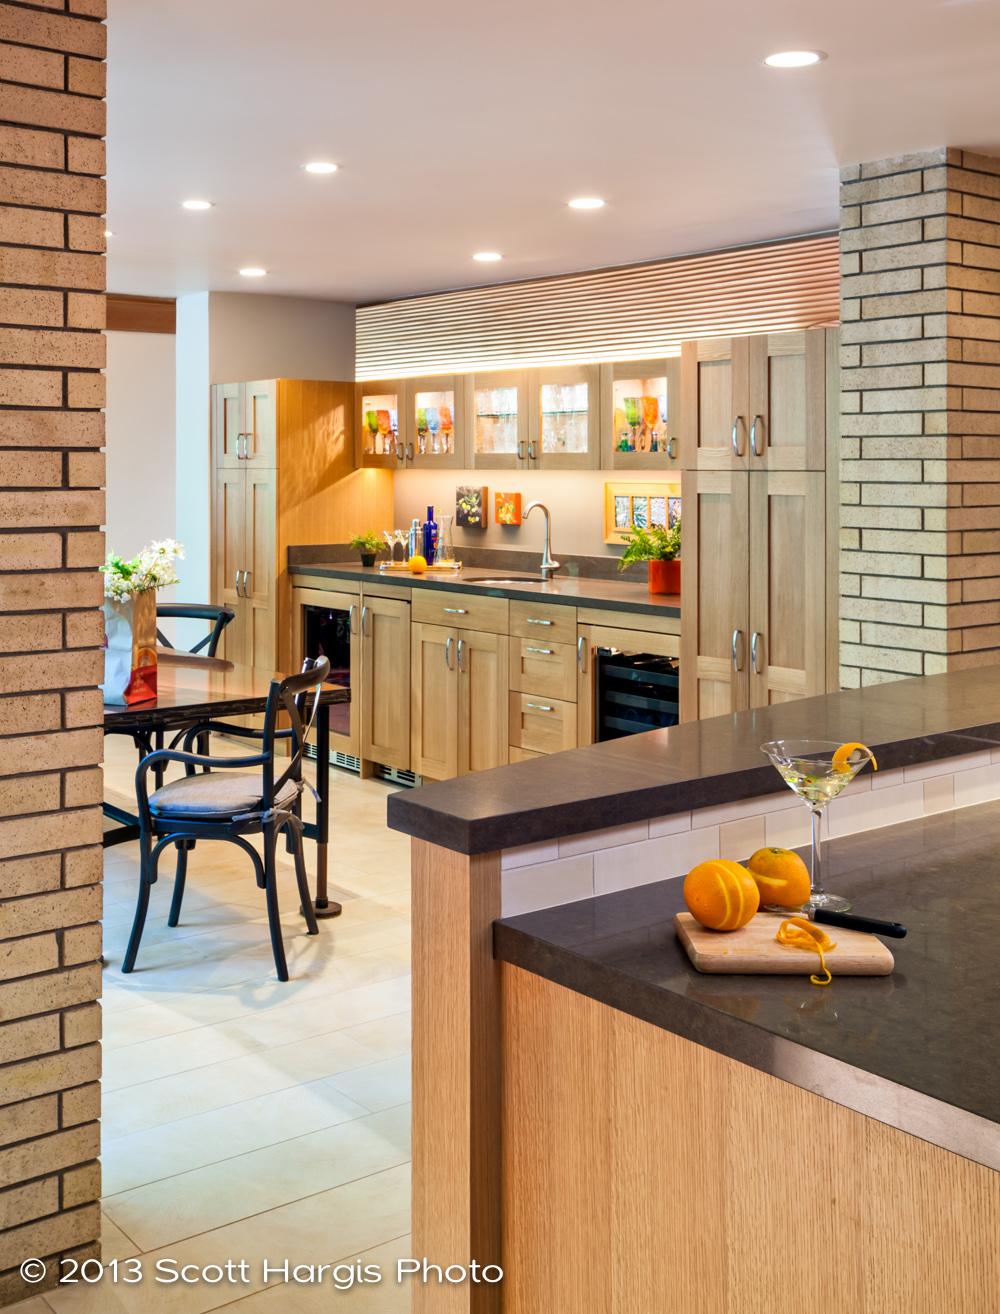 Custom kitchens by john wilkins - Ck_fl_small_07